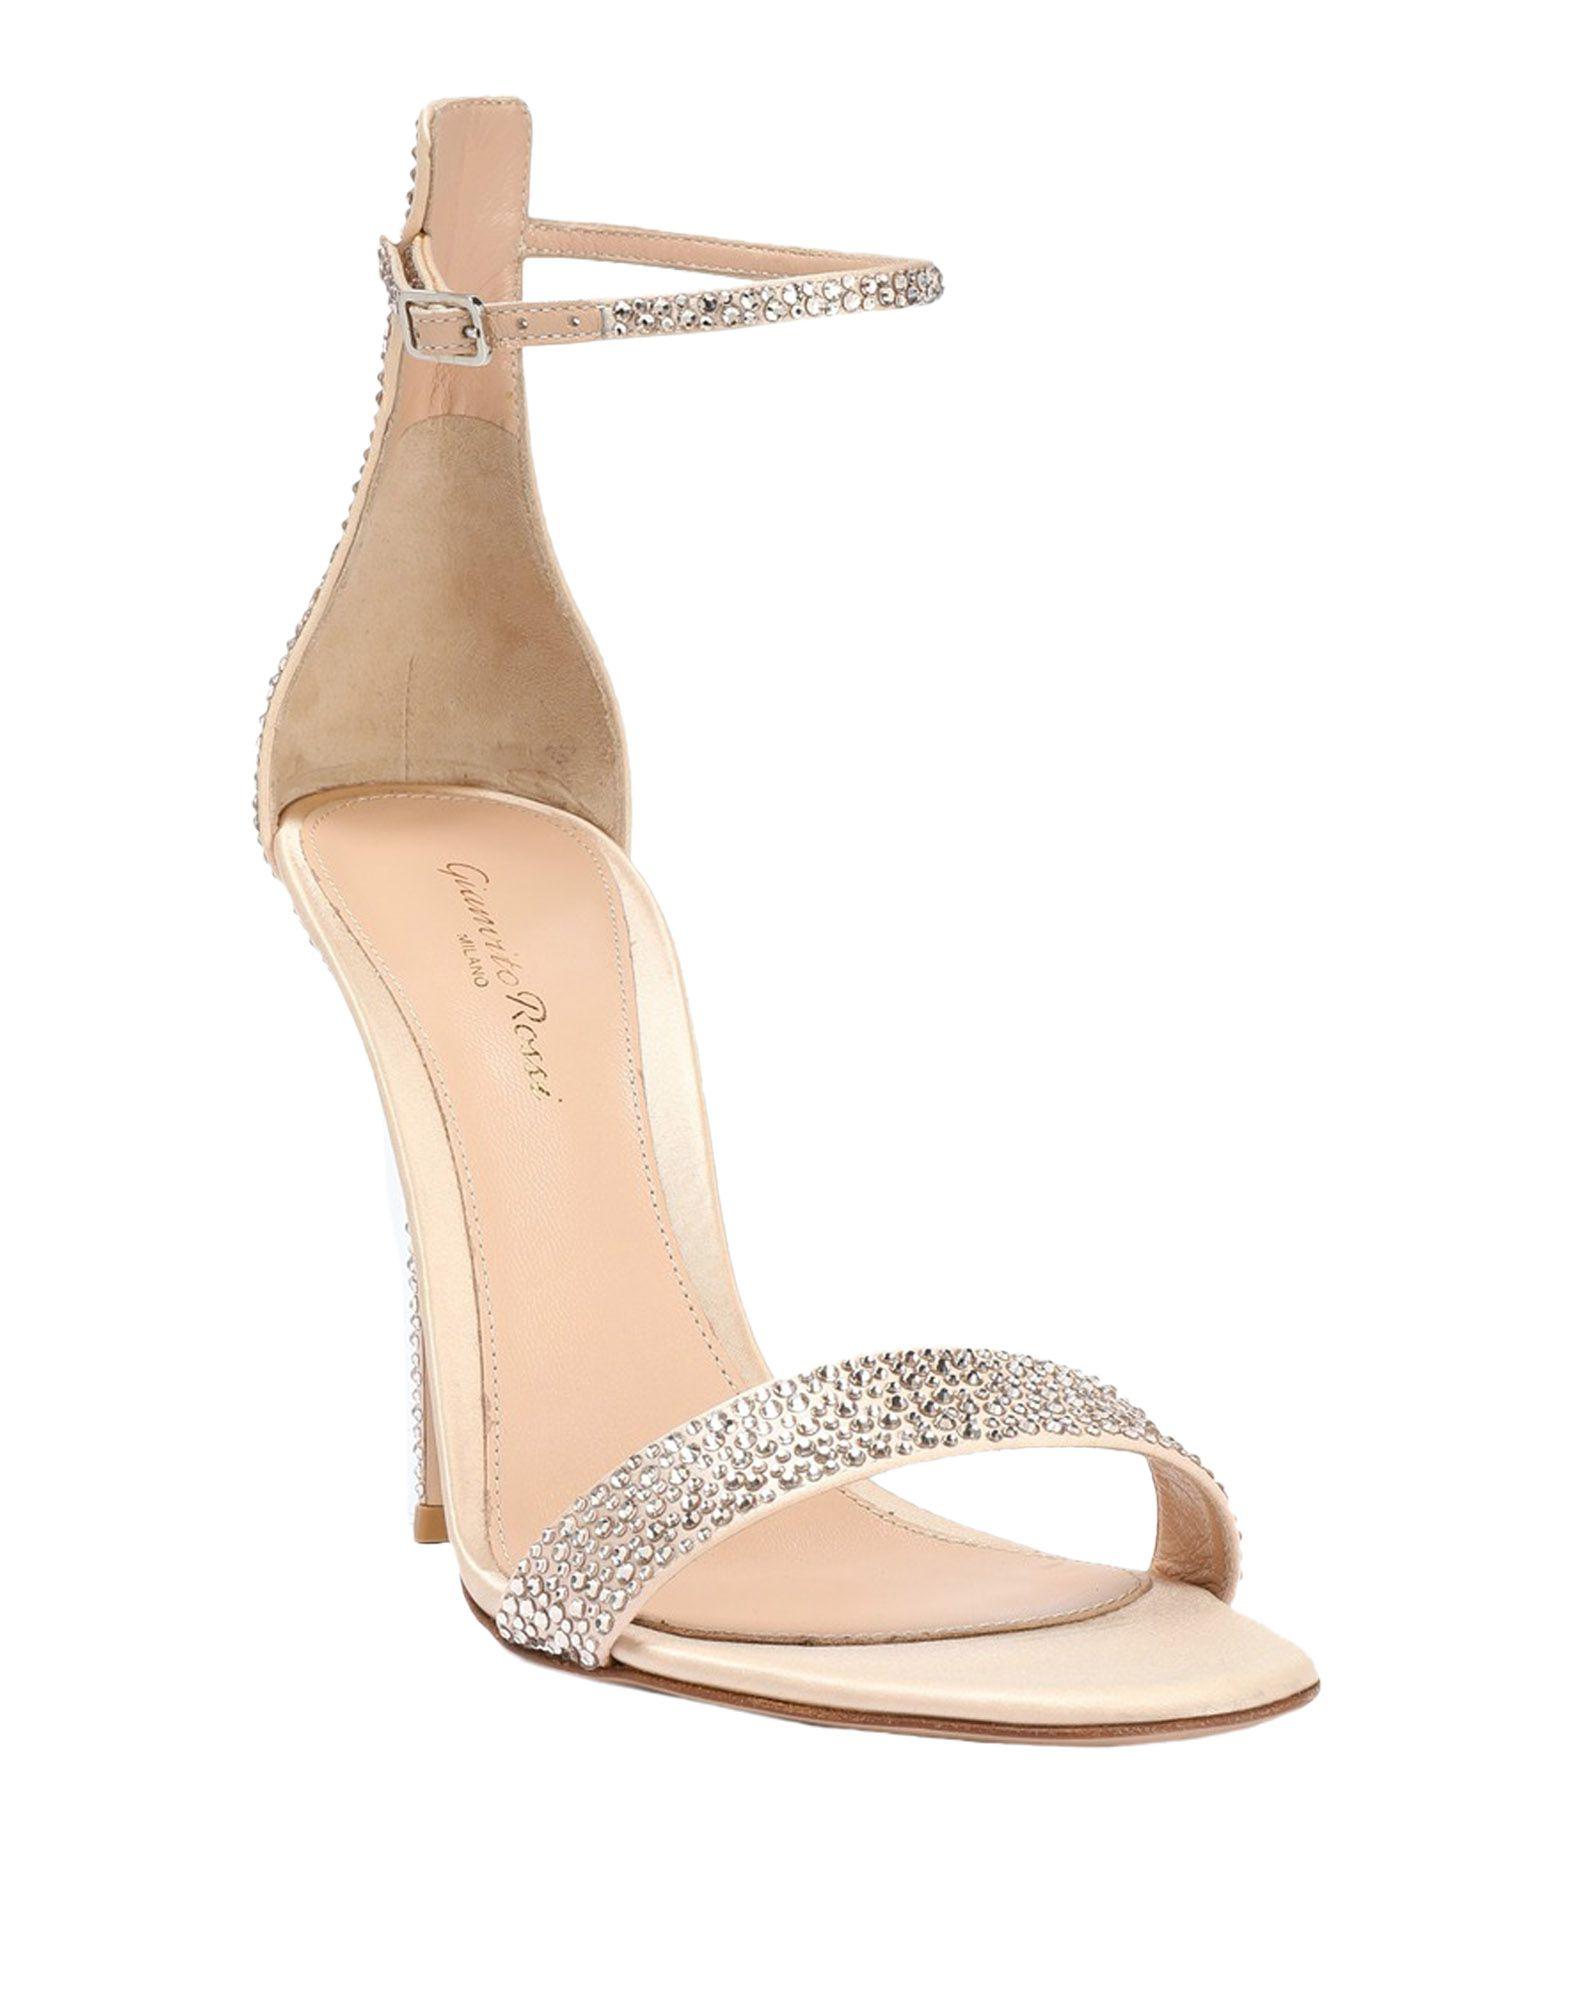 Gianvito Rossi gut Sandalen Damen  11463095SJGünstige gut Rossi aussehende Schuhe 075fde